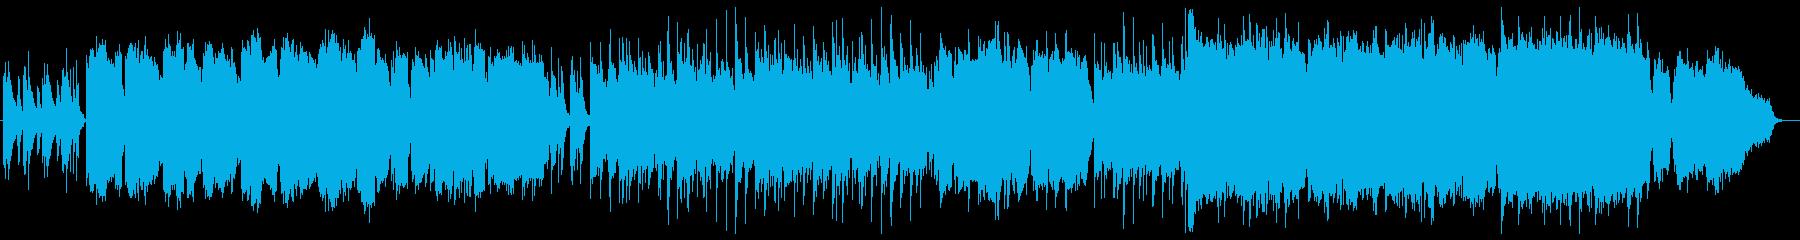 フルートの癒し系BGMの再生済みの波形